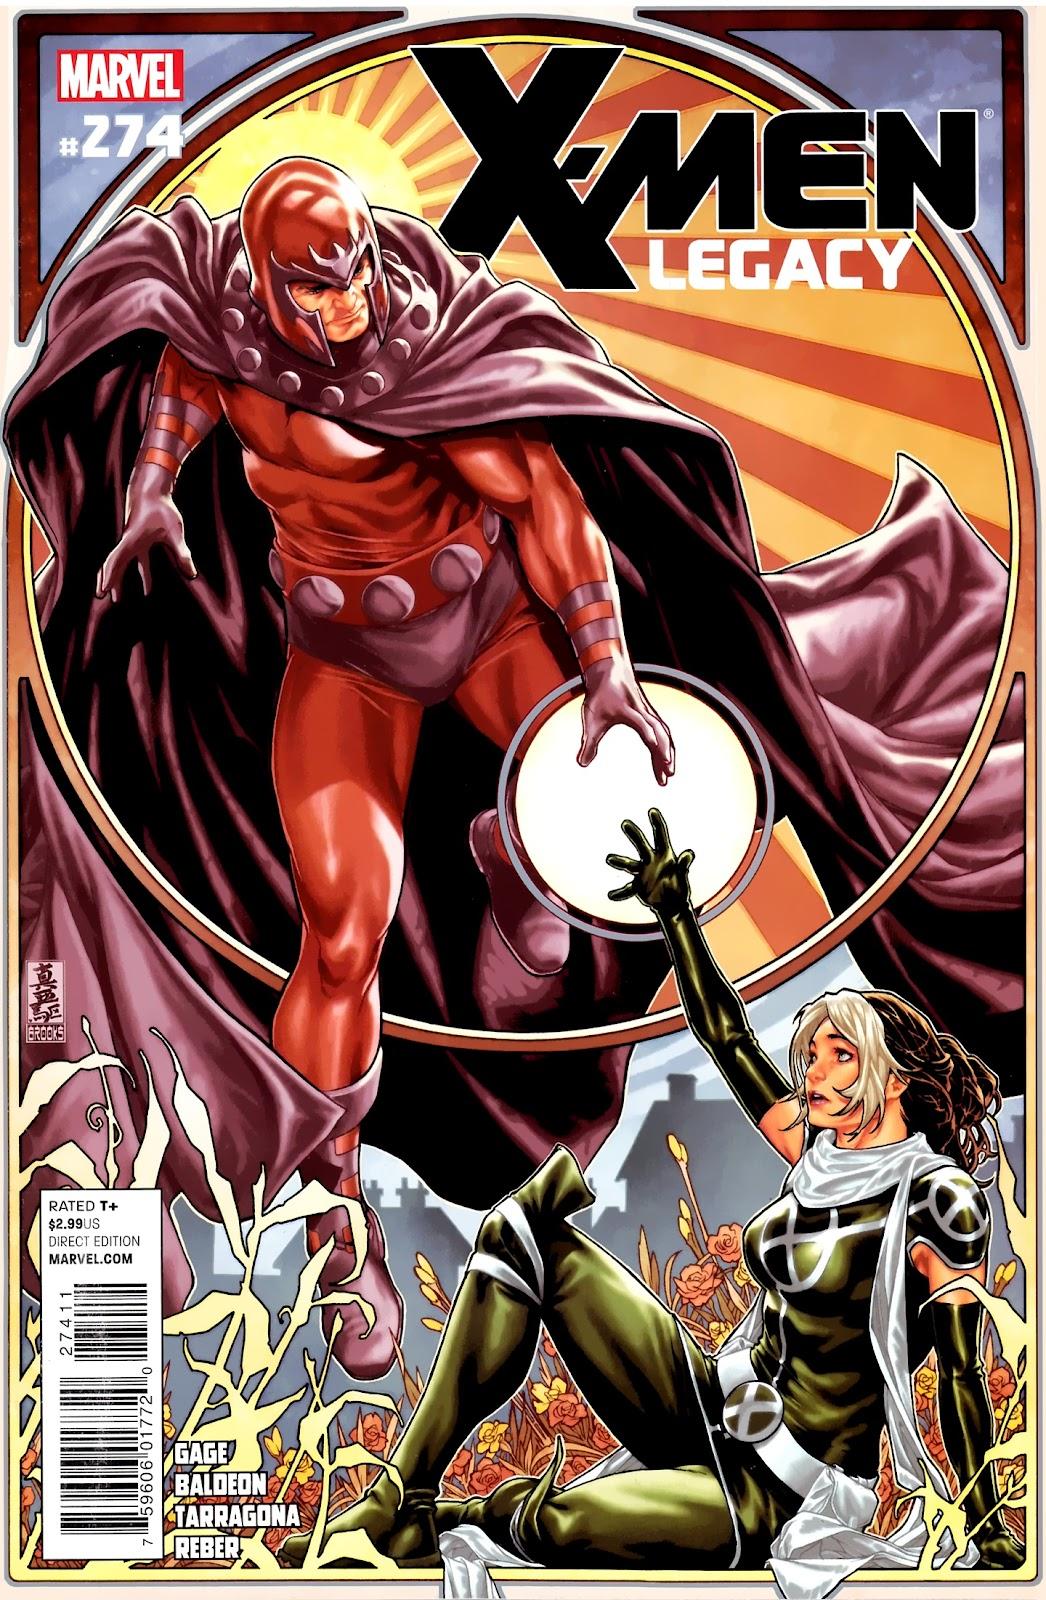 X-Men Legacy (2008) 274 Page 1